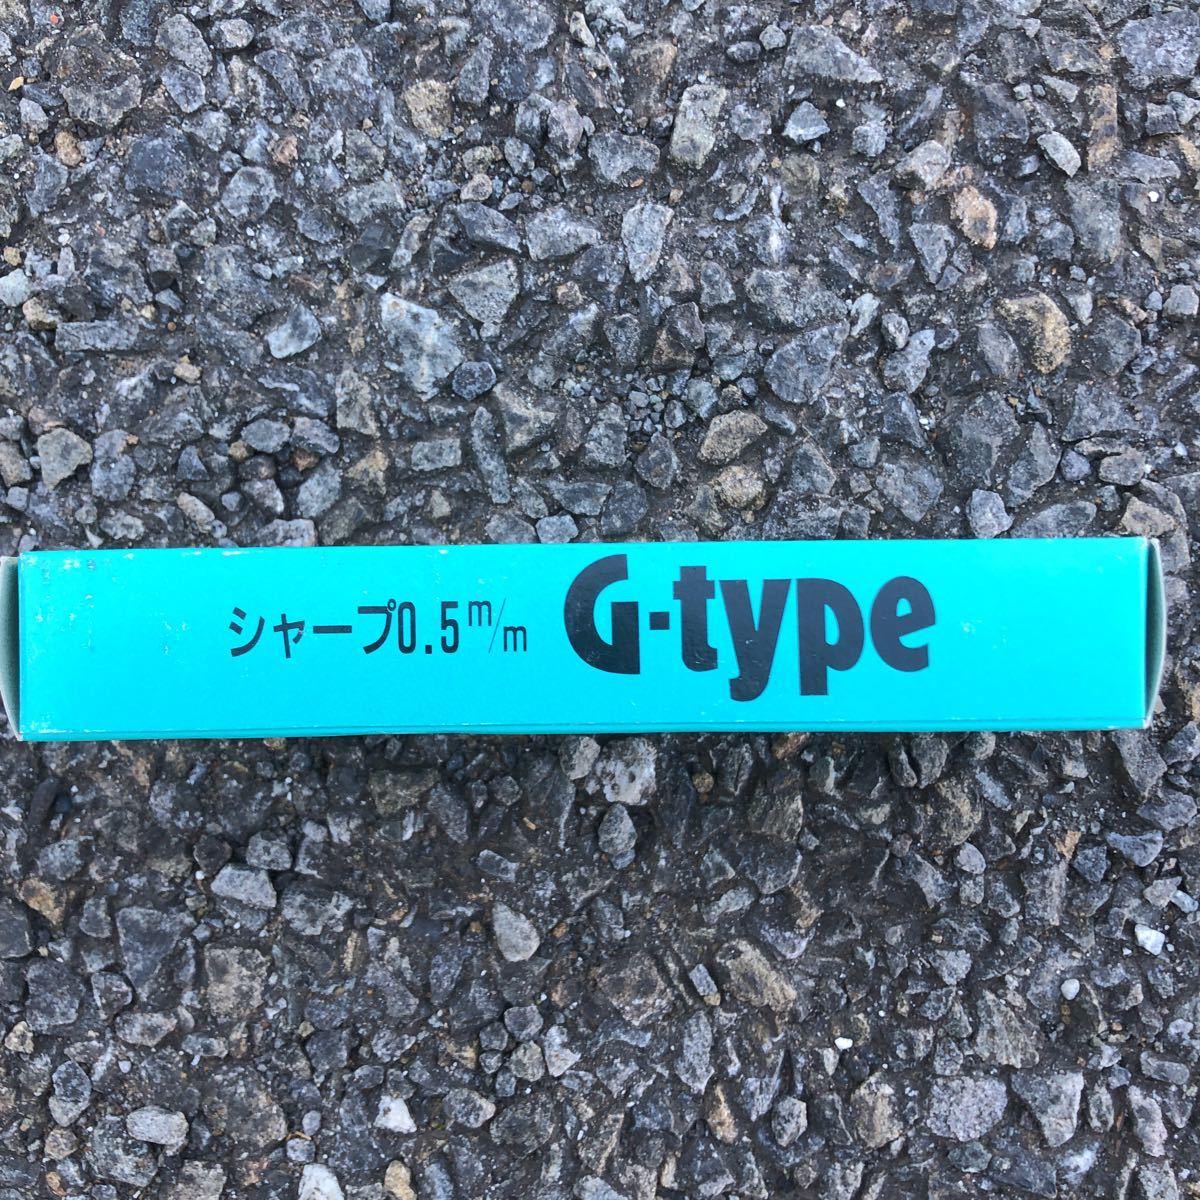 送料無料【未使用】トンボ鉛筆 SH-TG G-type 廃盤 廃番 10本入 デッドストック シャープペンシル 0.5mm ピンク_画像2